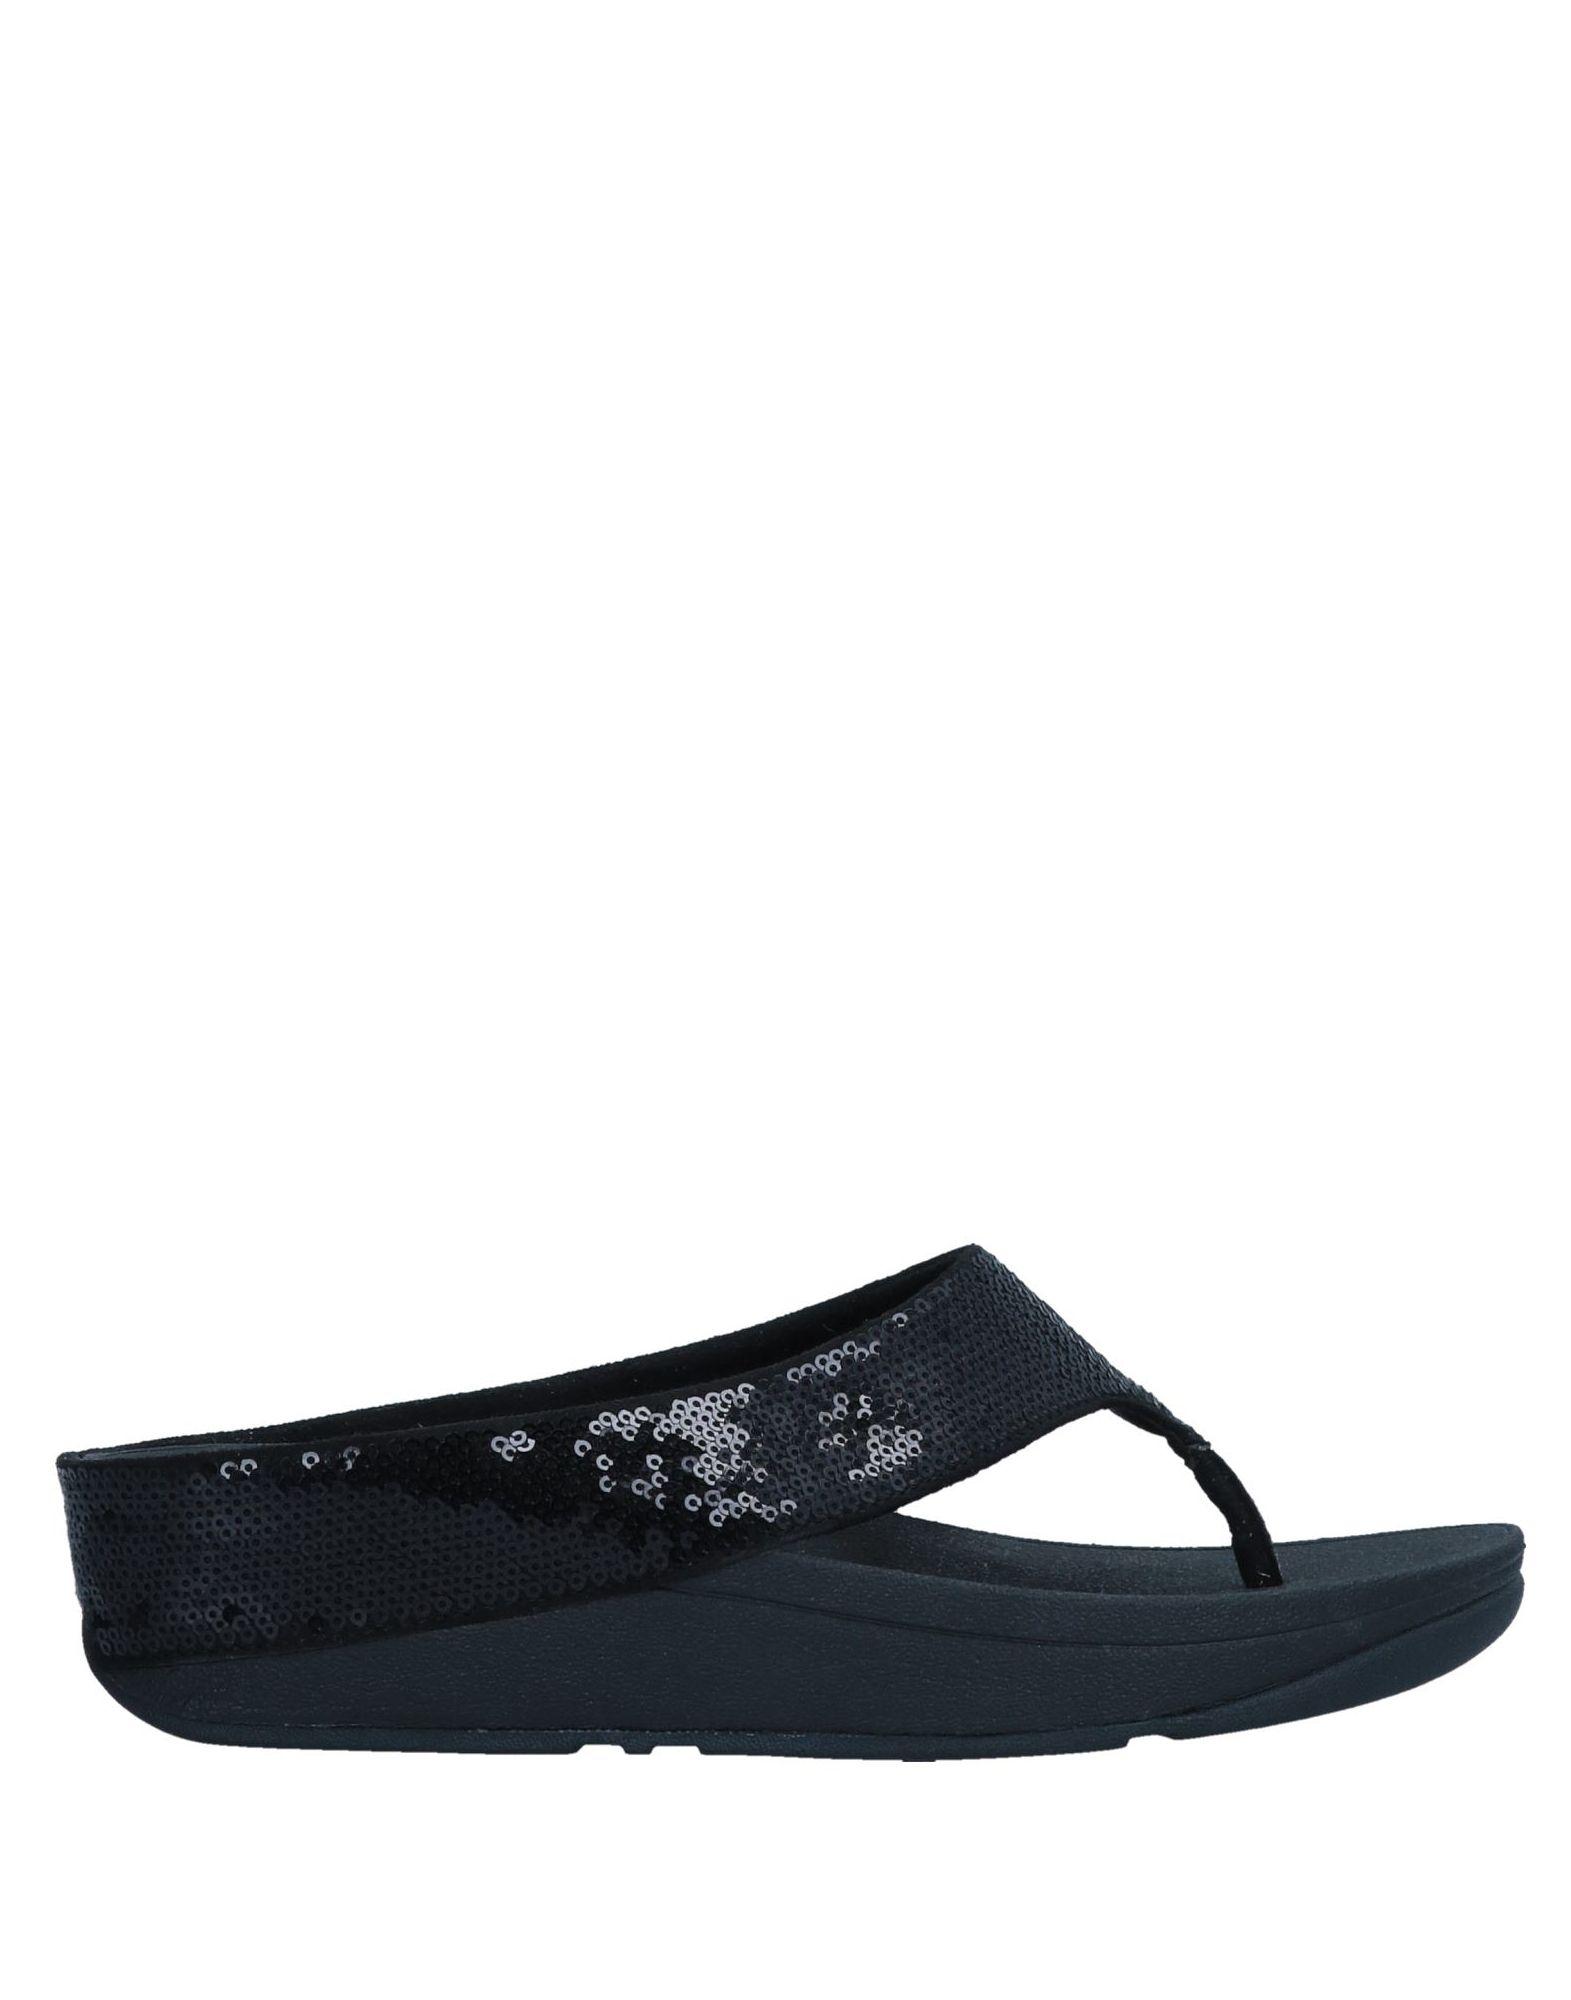 Fitflop Dianetten Damen  11549623JI Gute Qualität beliebte Schuhe